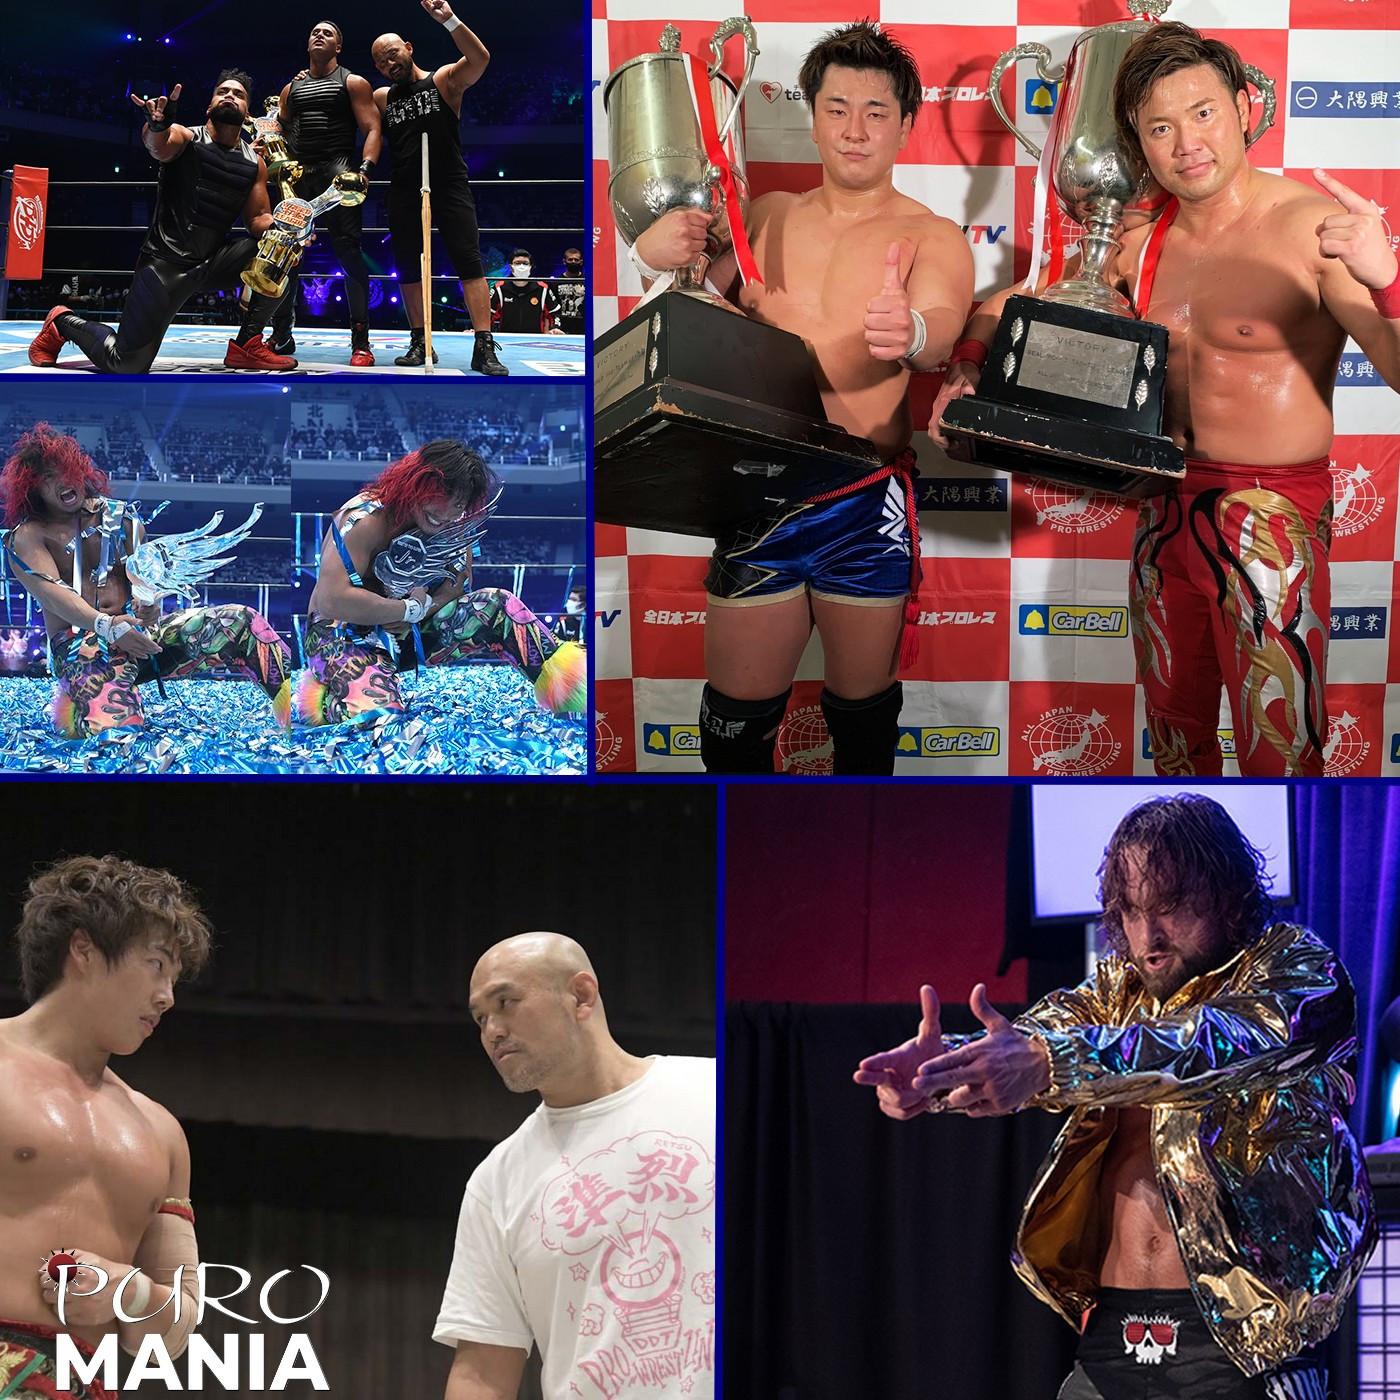 PuroMania #14 : La fin des Tournois Tag et BOSJ + DDT + Overdose du Bullet Club ? Review SJCUP 2020